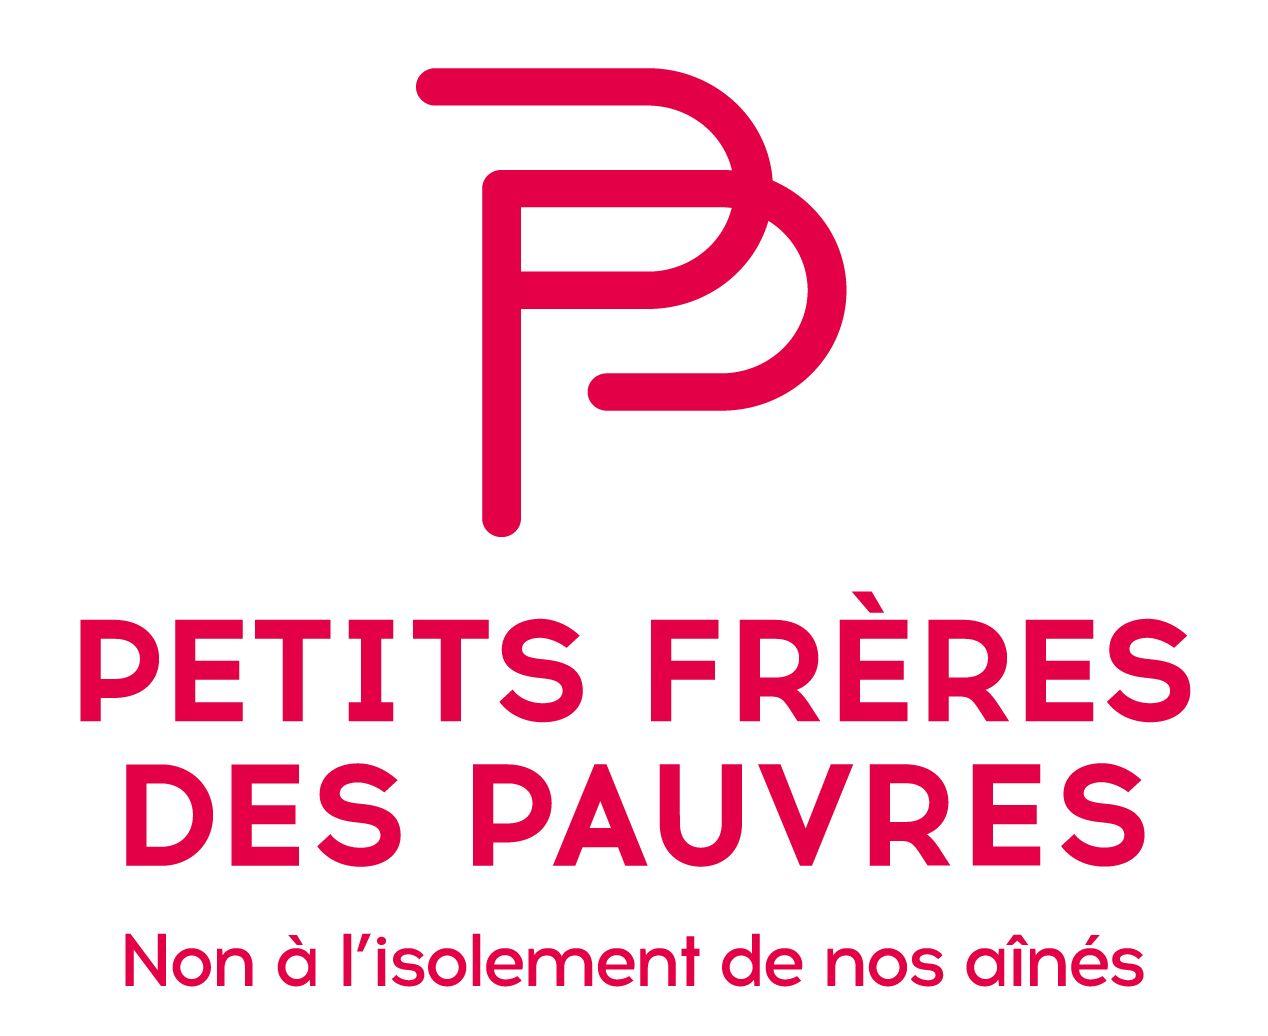 Accueil téléphonique et physique à Lyon 8, délégation régionale de l'association